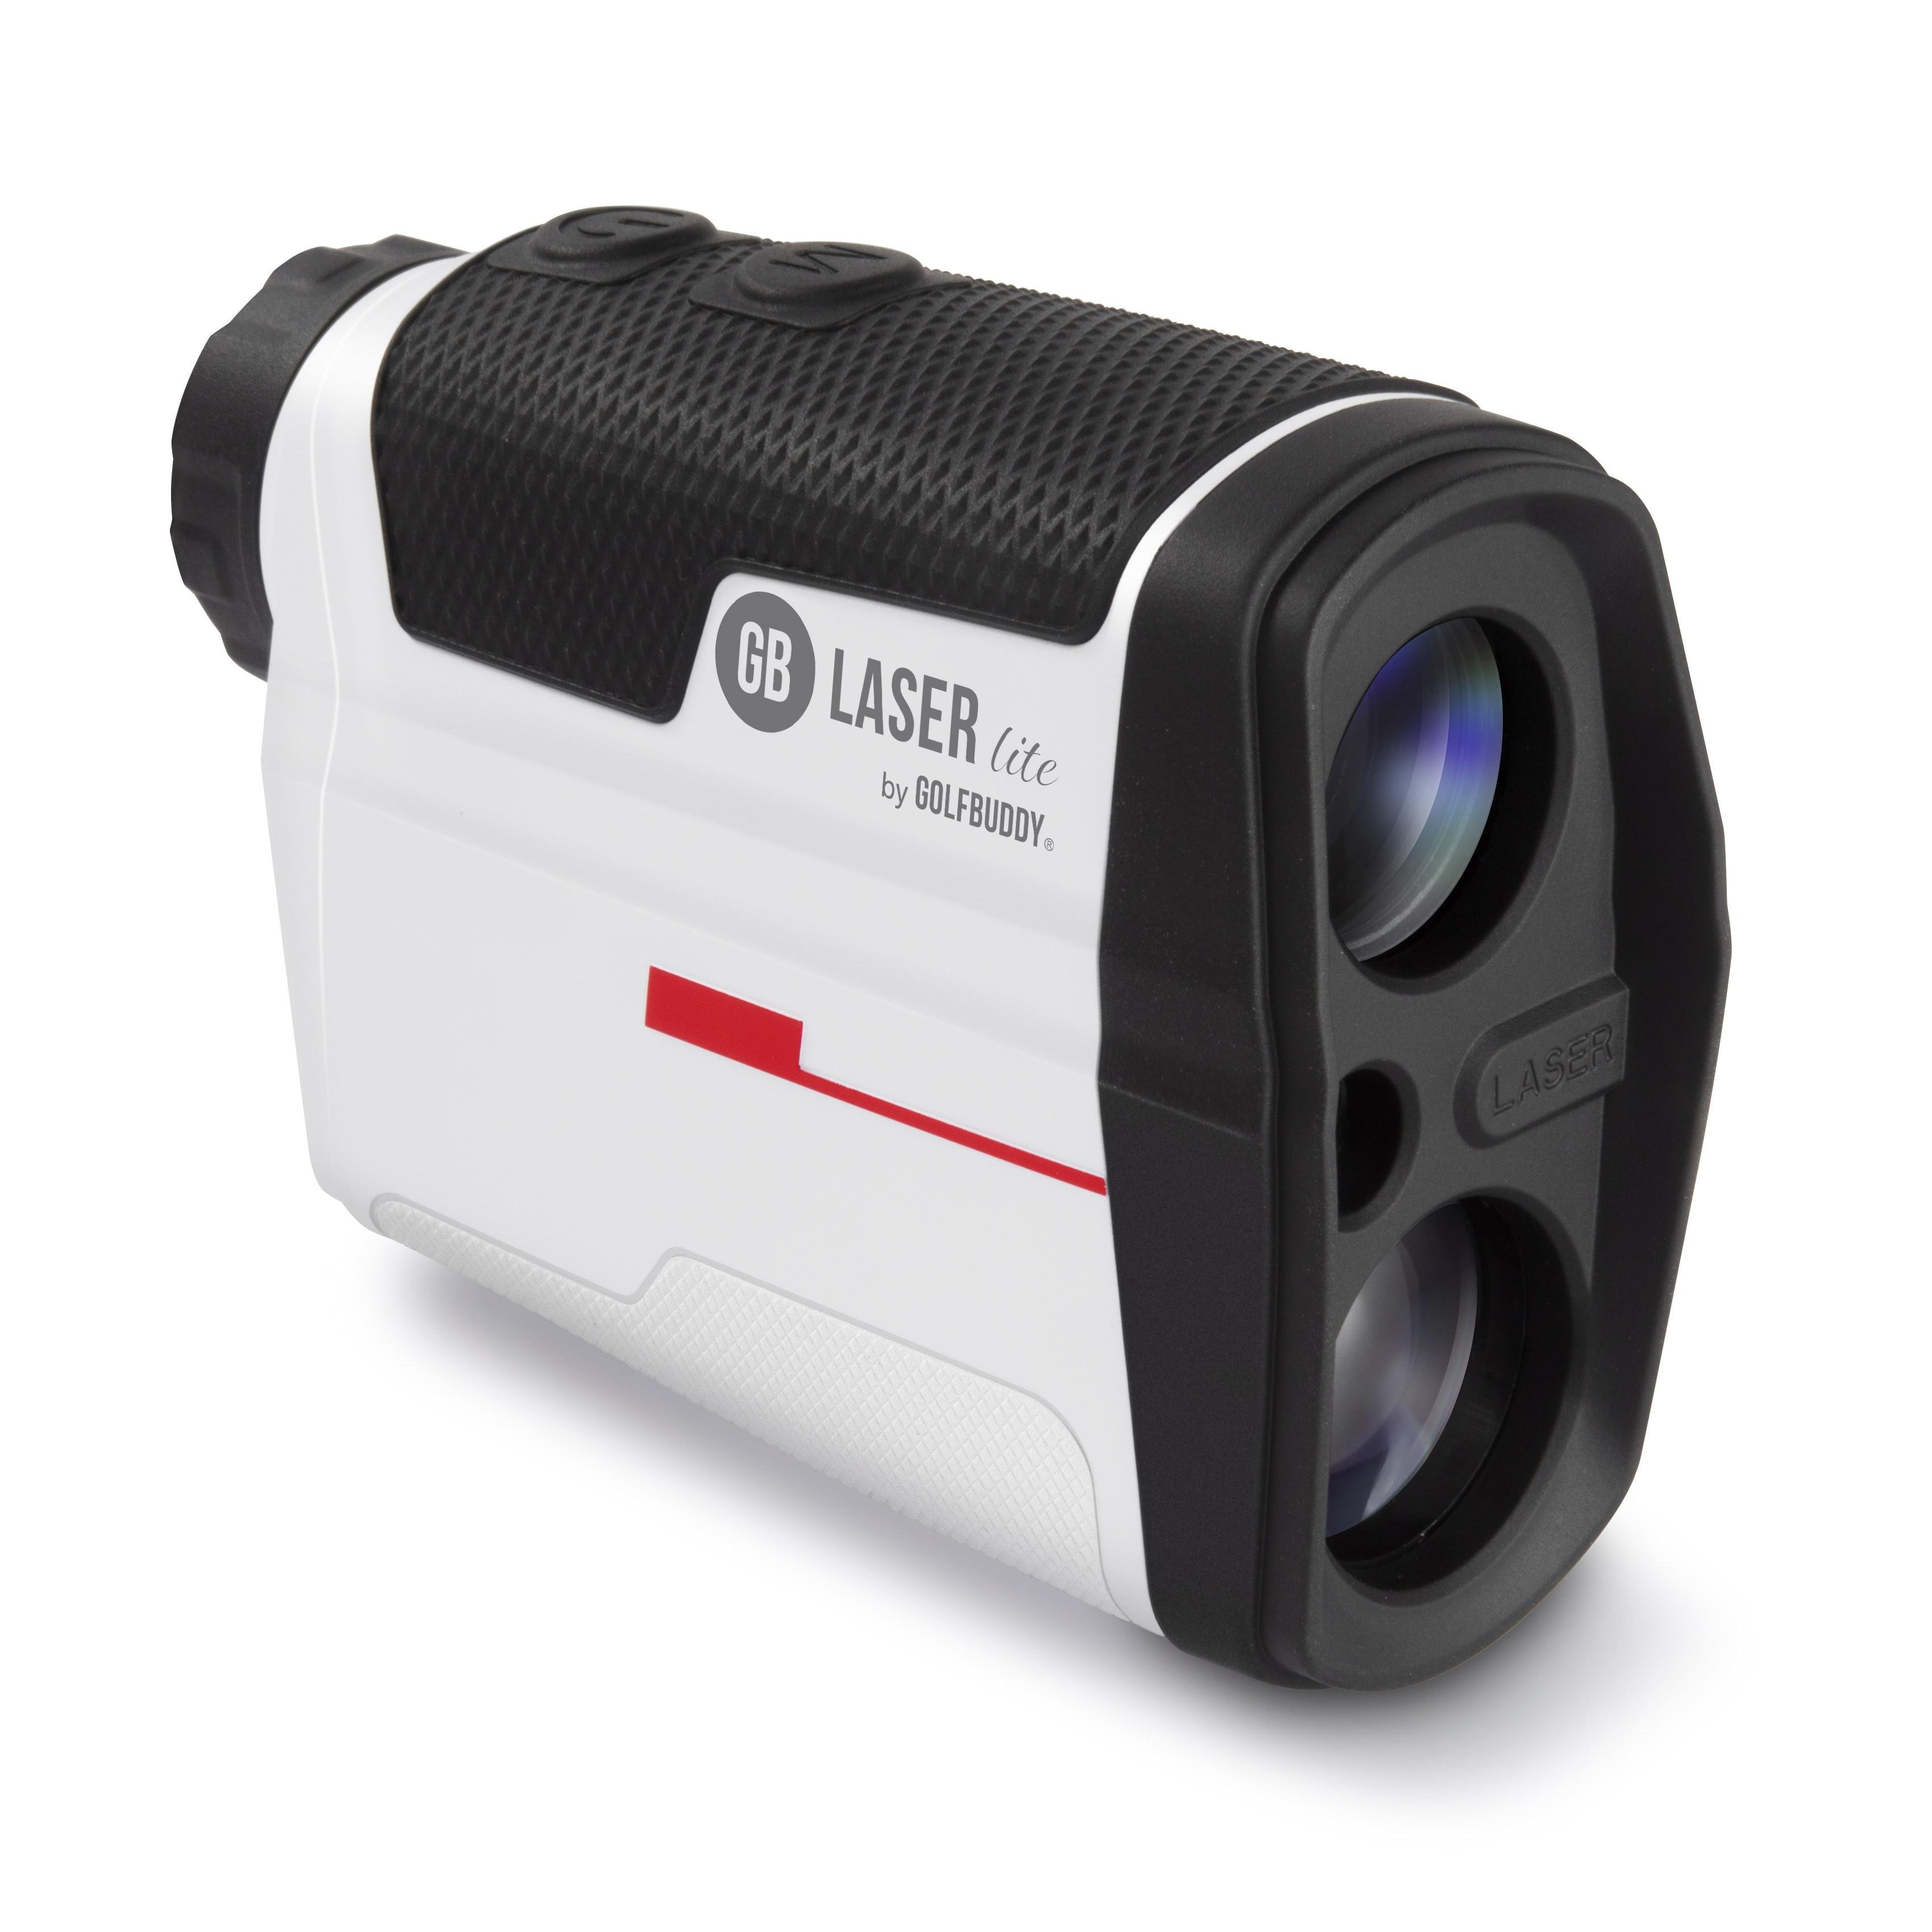 NEW출시 골프버디 가심비 레이저 골프거리측정기 GB LASER lite, GB LASER lite+케이스포함